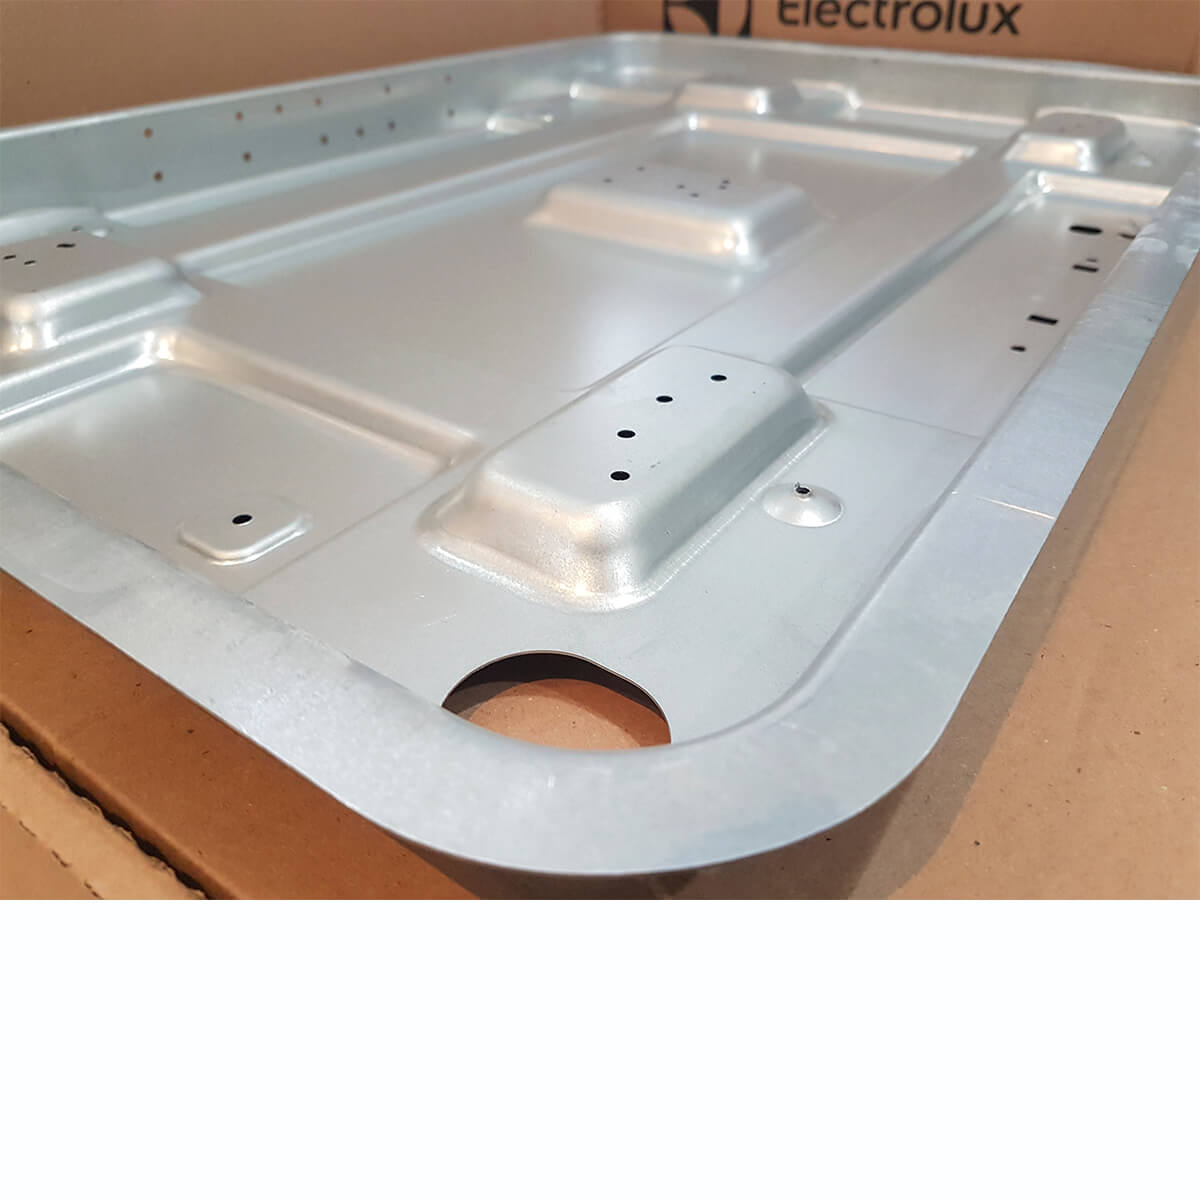 Base Cooktop Electrolux GC75V GC75P - 305574201